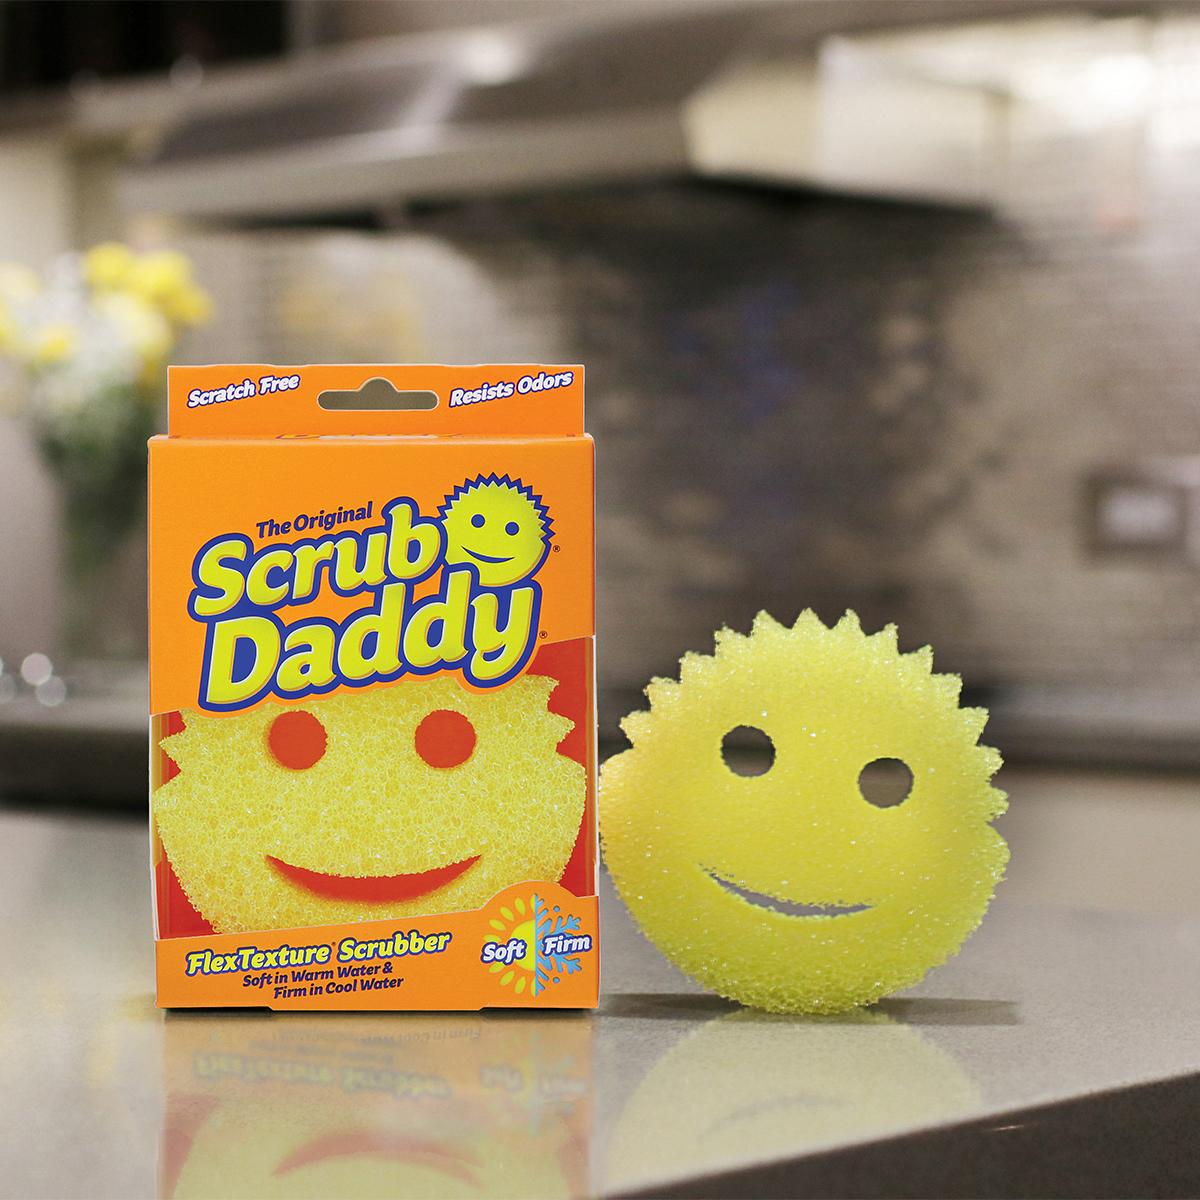 アメリカ中で愛されているスポンジブランド。水切れ・汚れ落ちバツグン!水栓レバーにも掛けられて、収納ホルダー要らずの「洗浄スポンジ」|Scrub Daddy